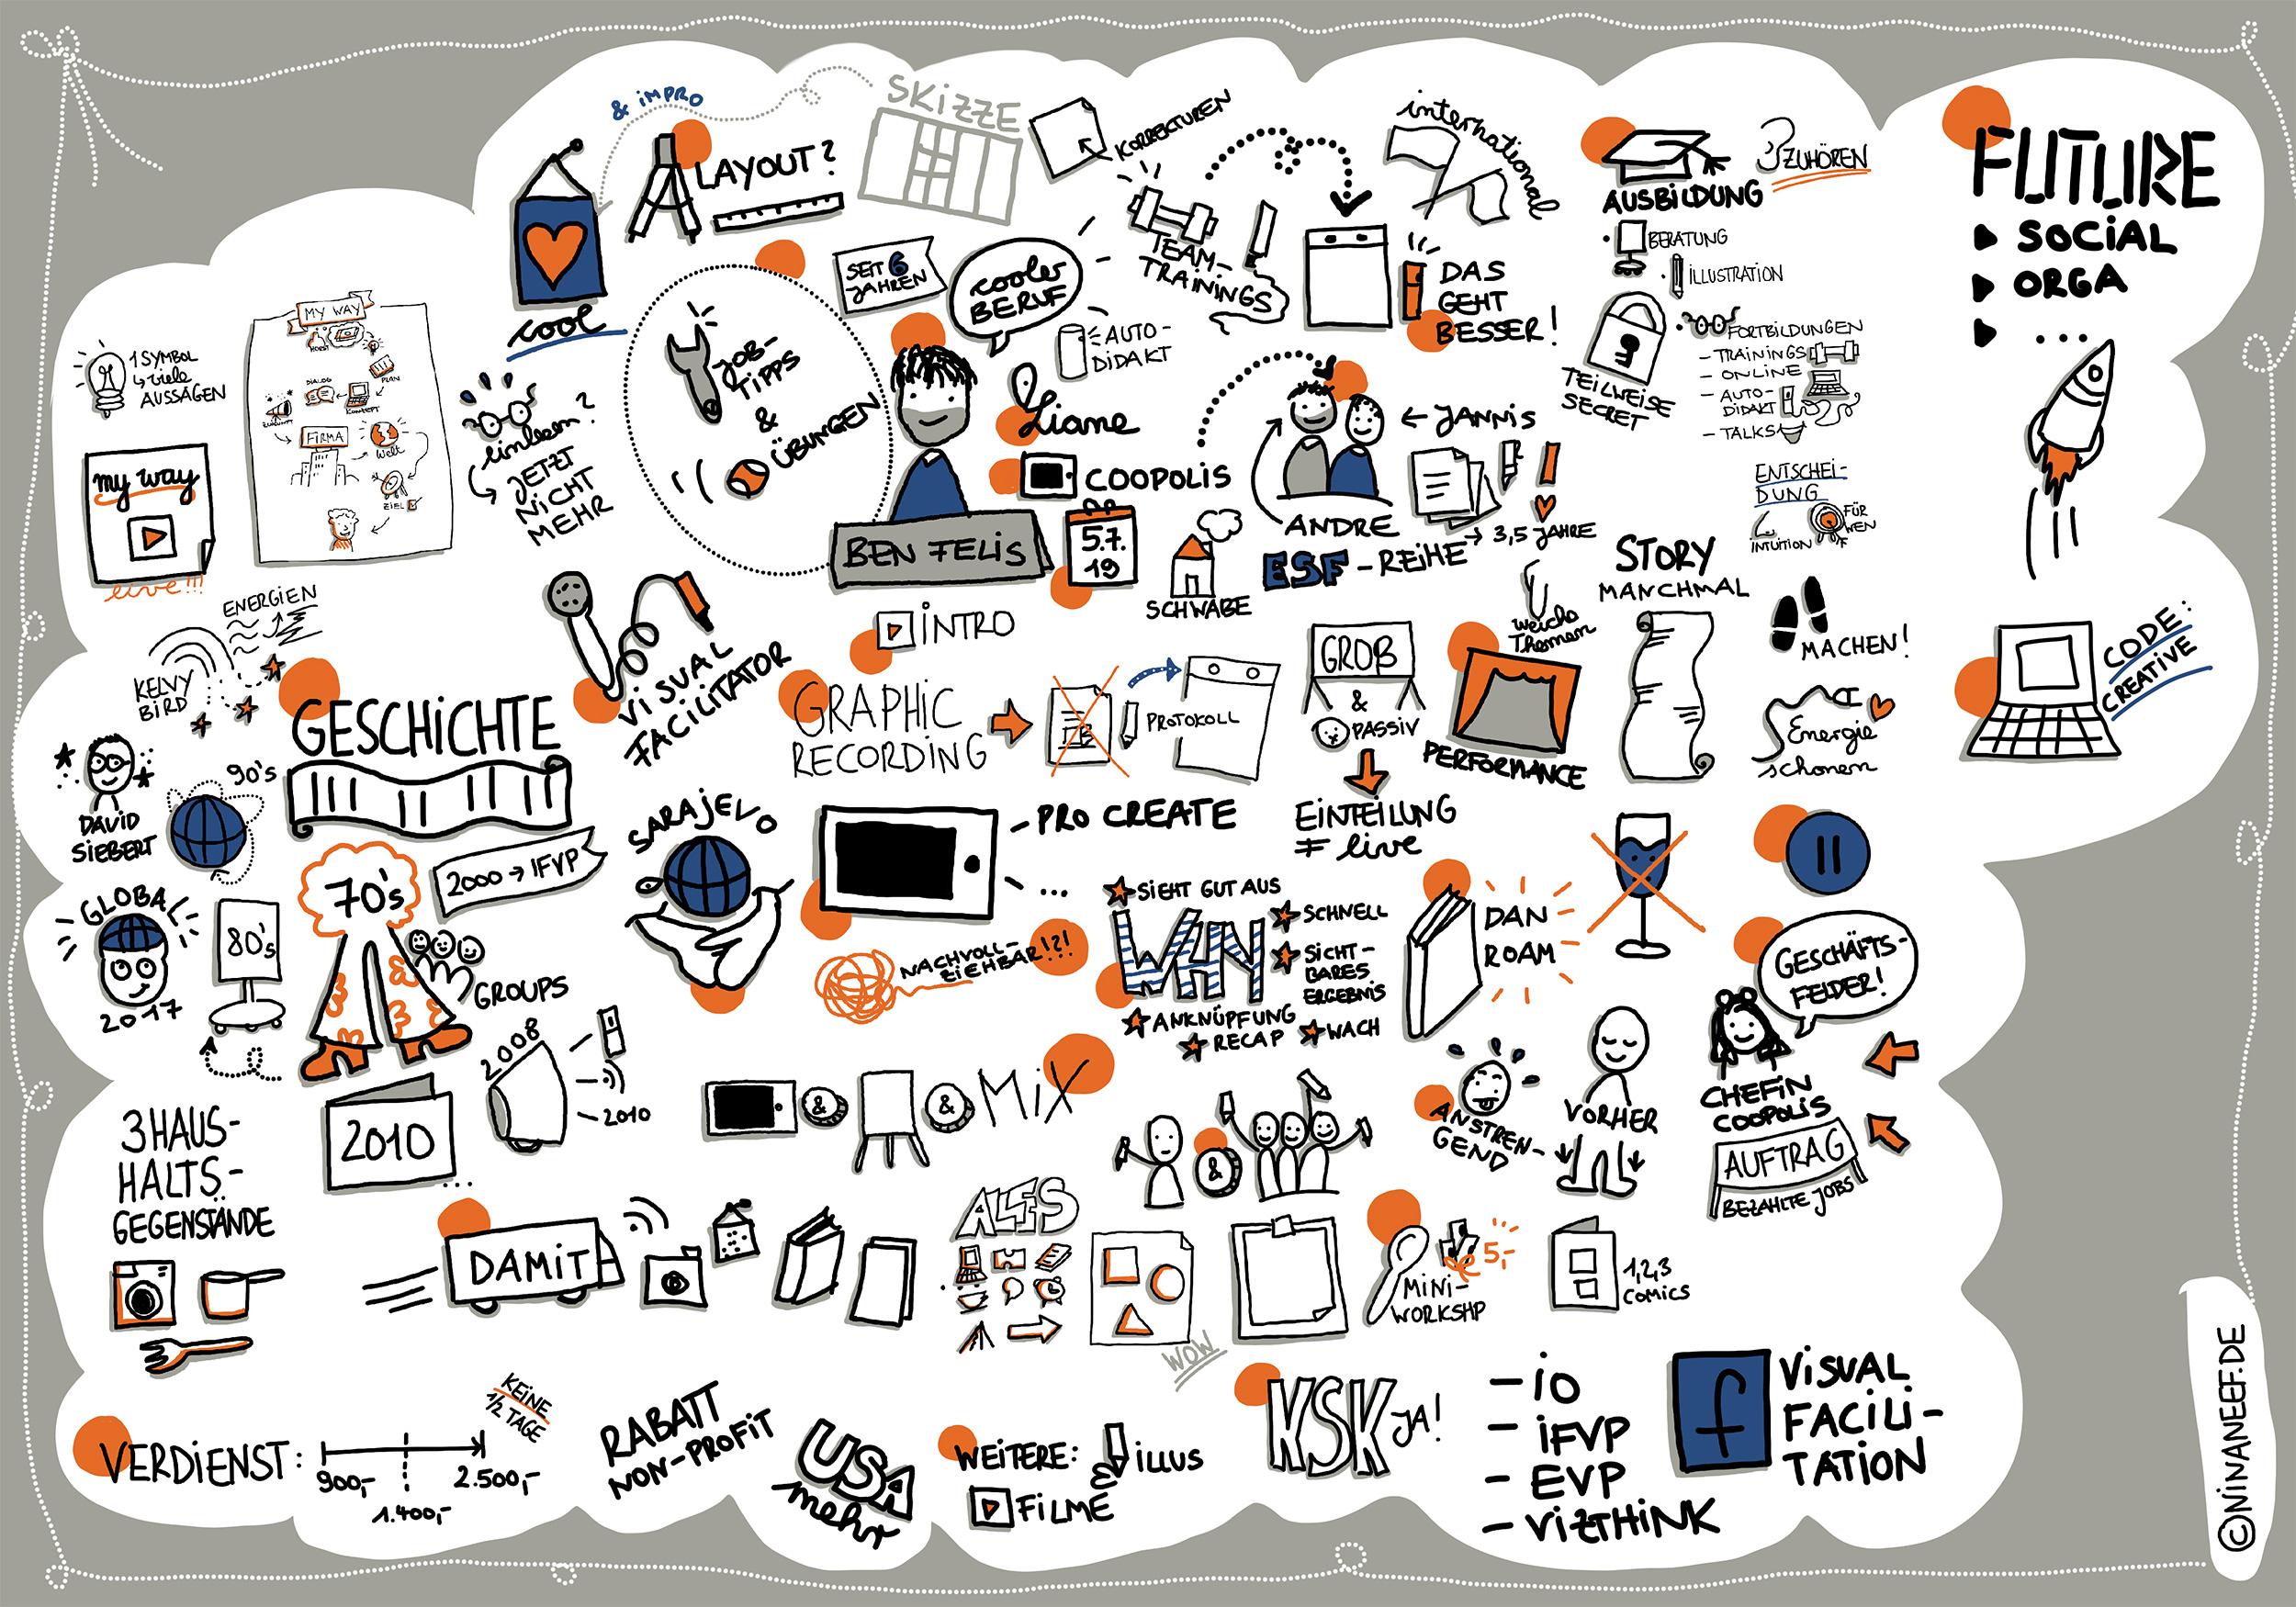 Benjamin Felis Hielt Bei Coopolis Einen Vortrag Zum Beruf Des Live Graphic Recorders, Welchen Nina Neef Live Visualisierte.